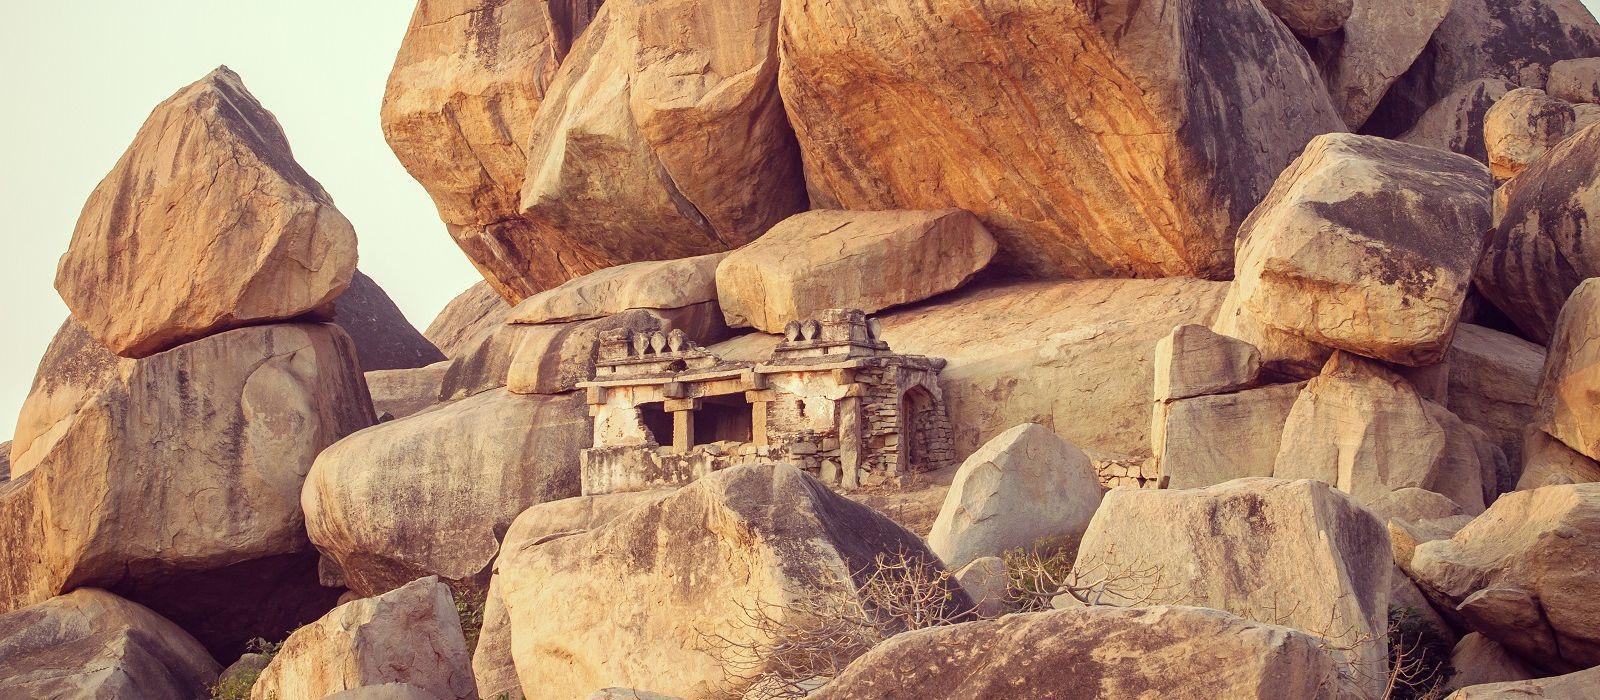 Südindien, ganz klassisch: Von Nagarhole bis nach Hampi Urlaub 1